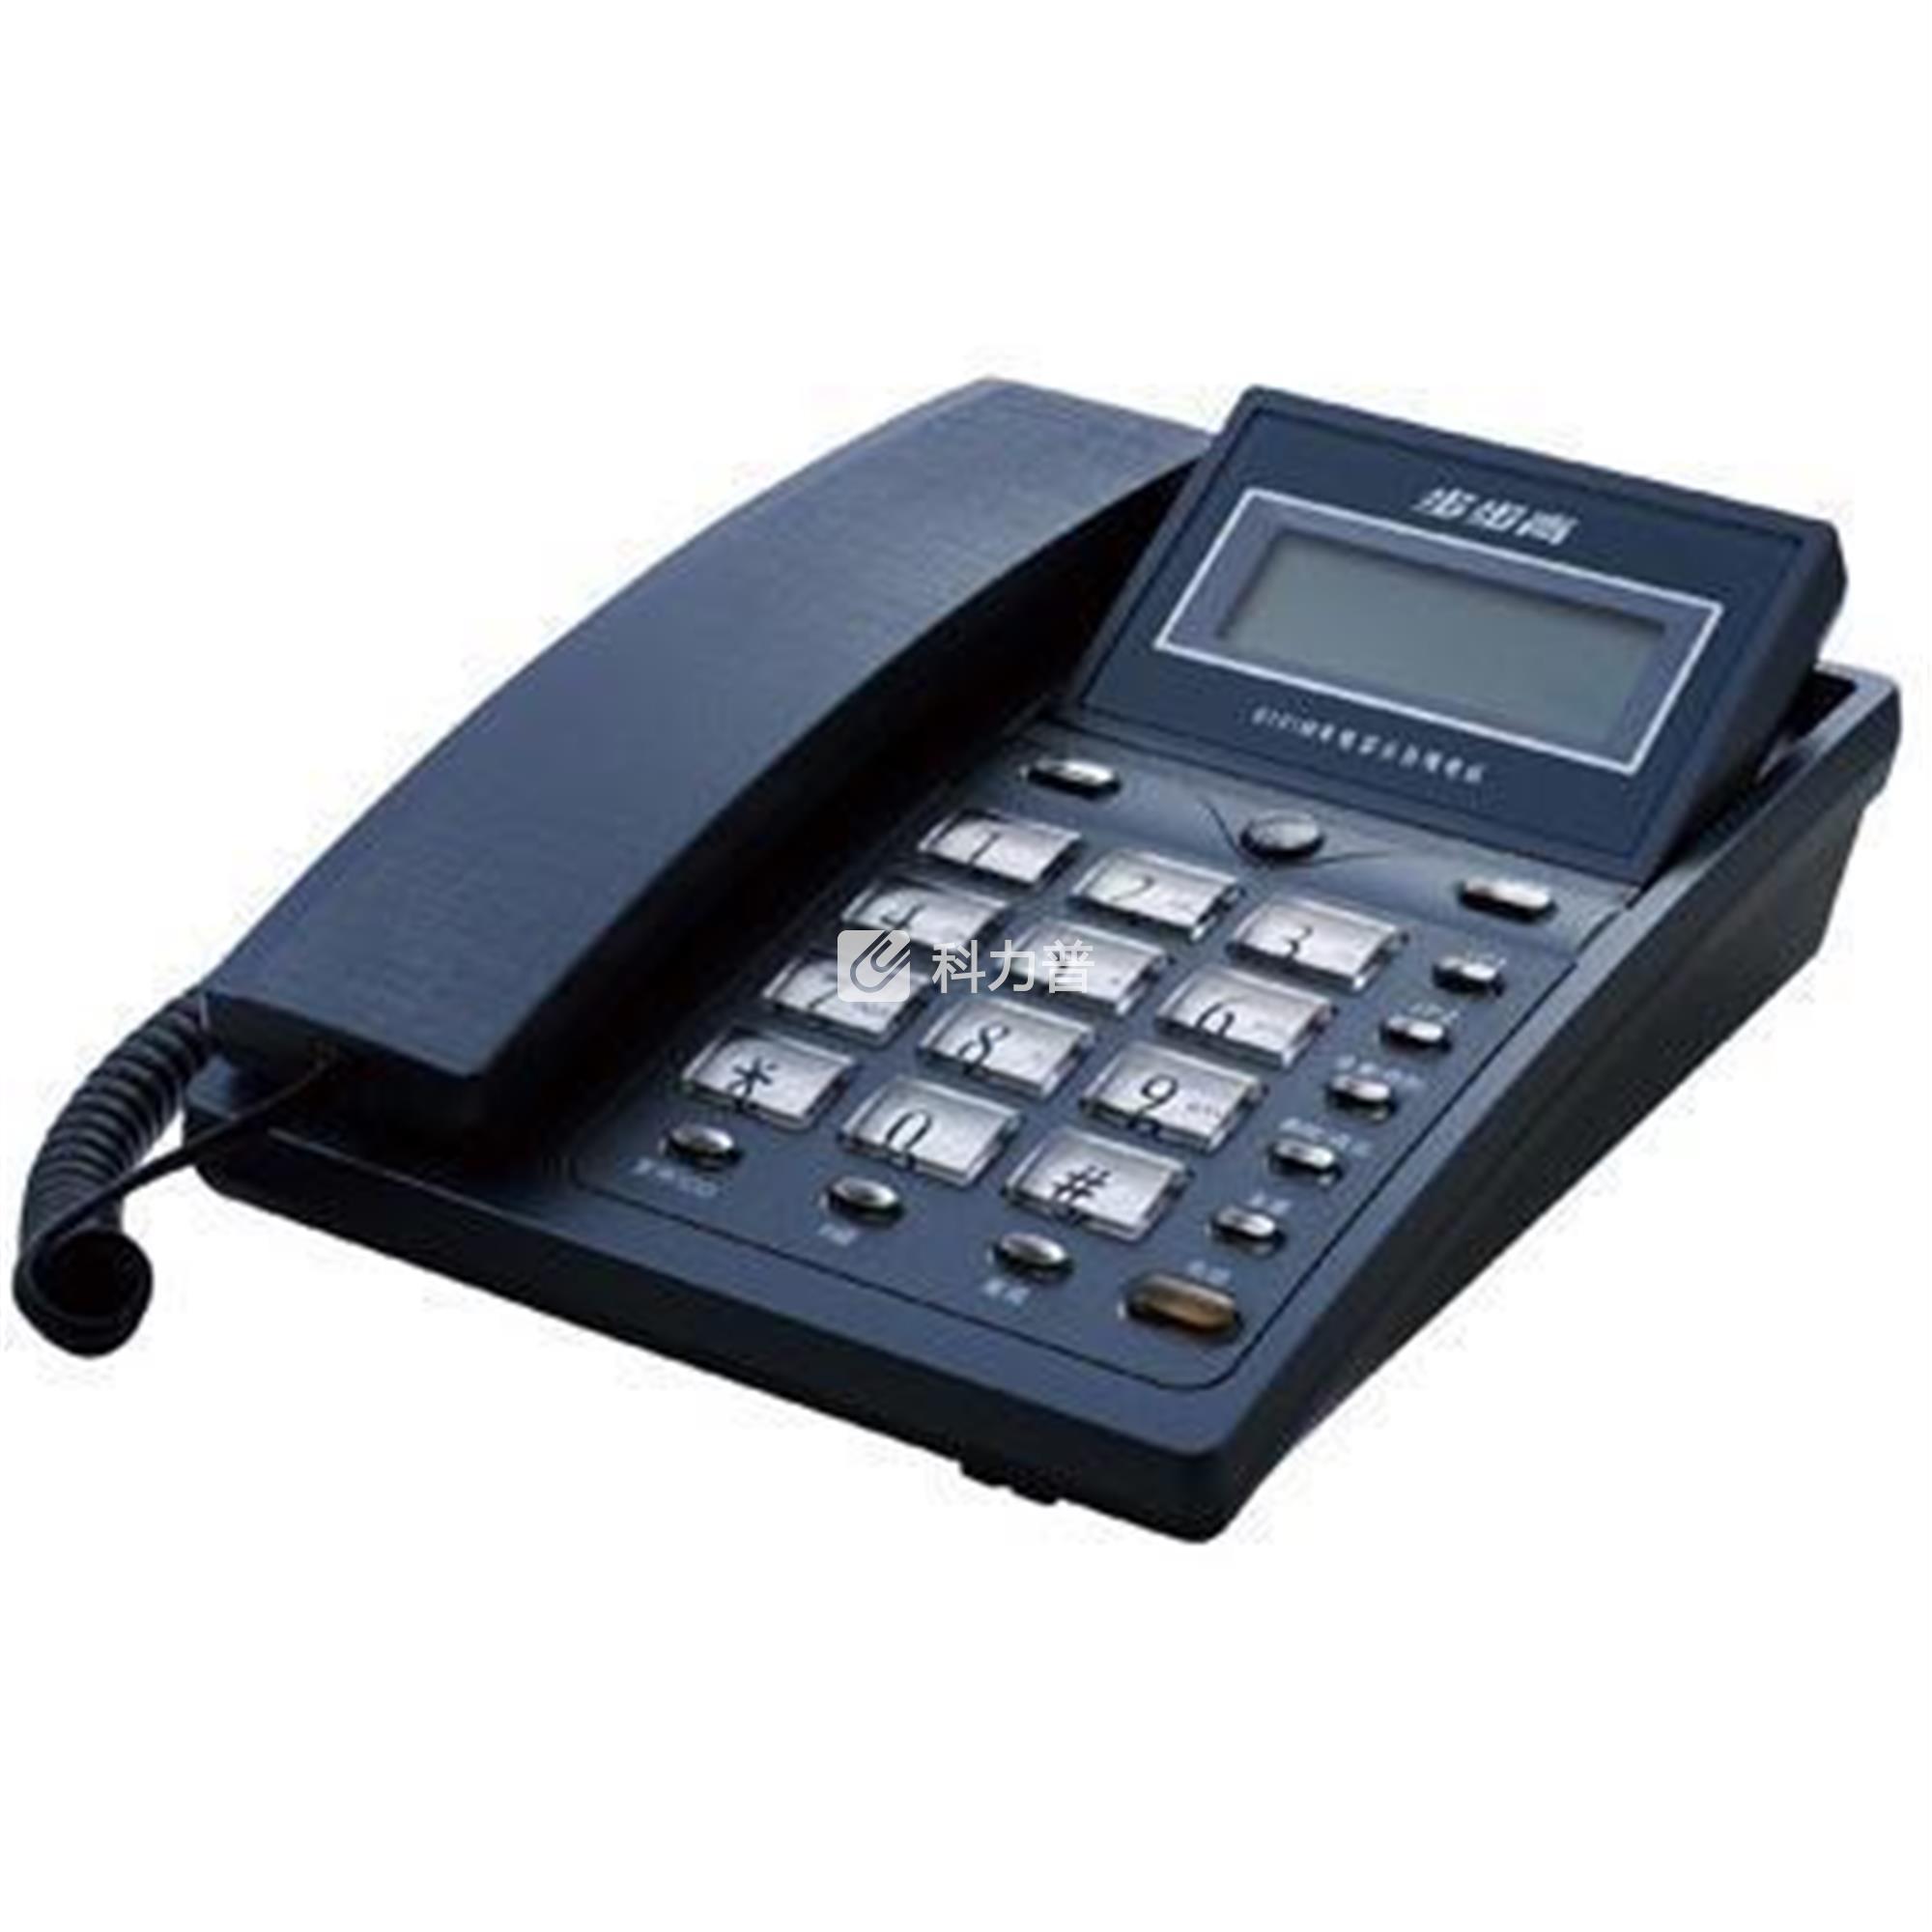 步步高 BBK 电话机 HCD007(6101)TSD(蓝色)带分机口